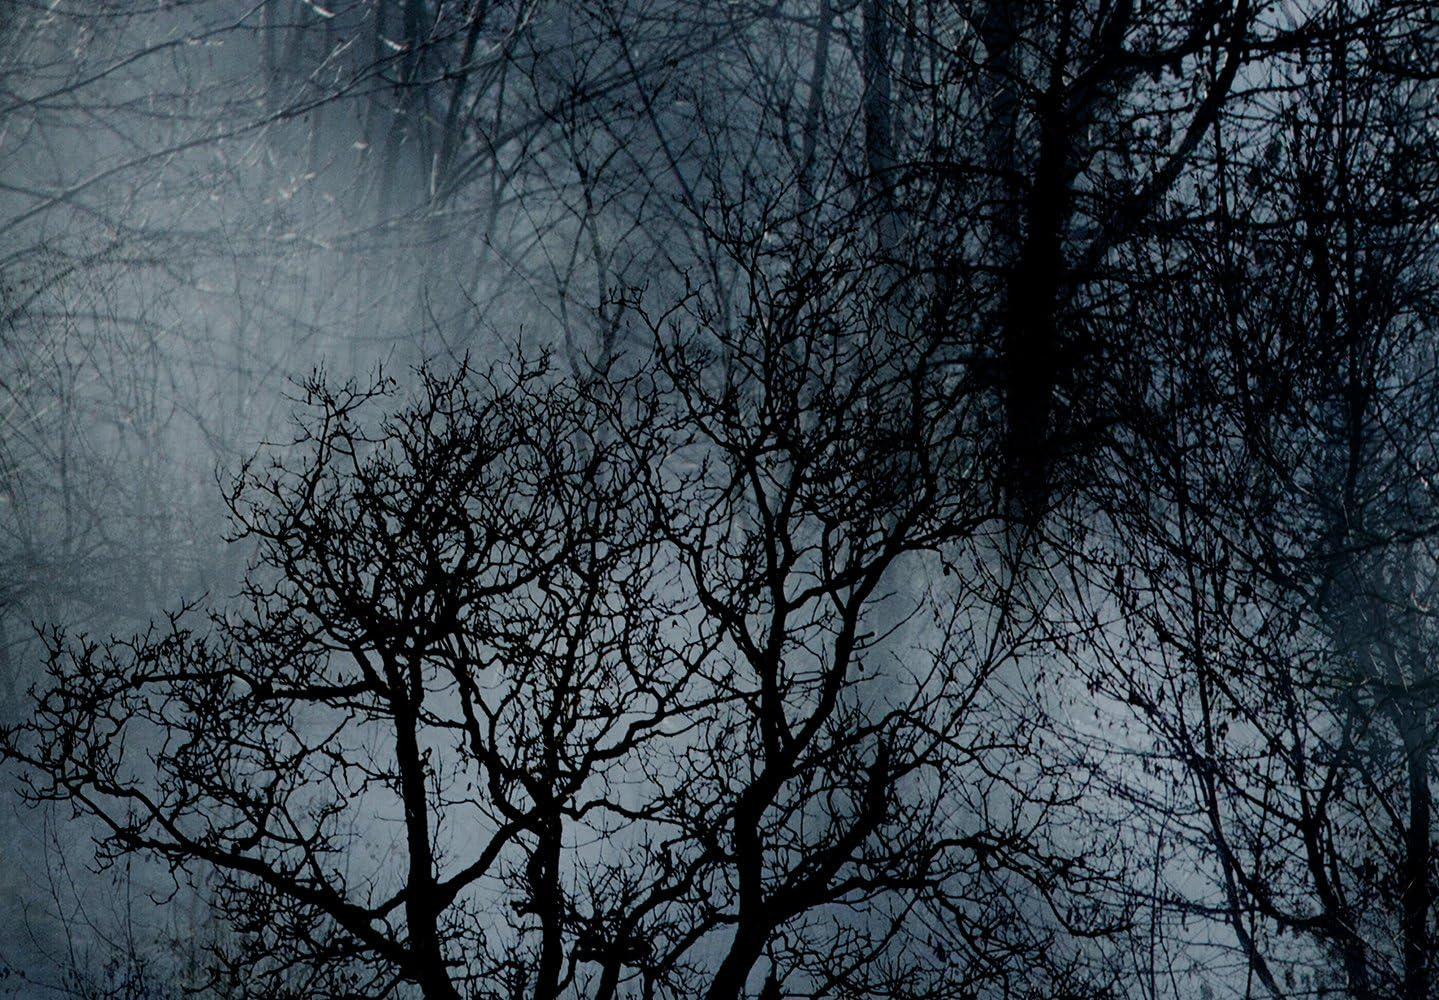 murando Impression sur Toile intissee Loup 90x60 cm Tableau 1 Peice Tableaux Decoration Murale Photo Image Artistique Photographie Graphique Berge Paysage Blau Noir Blanc g-A-0140-b-b